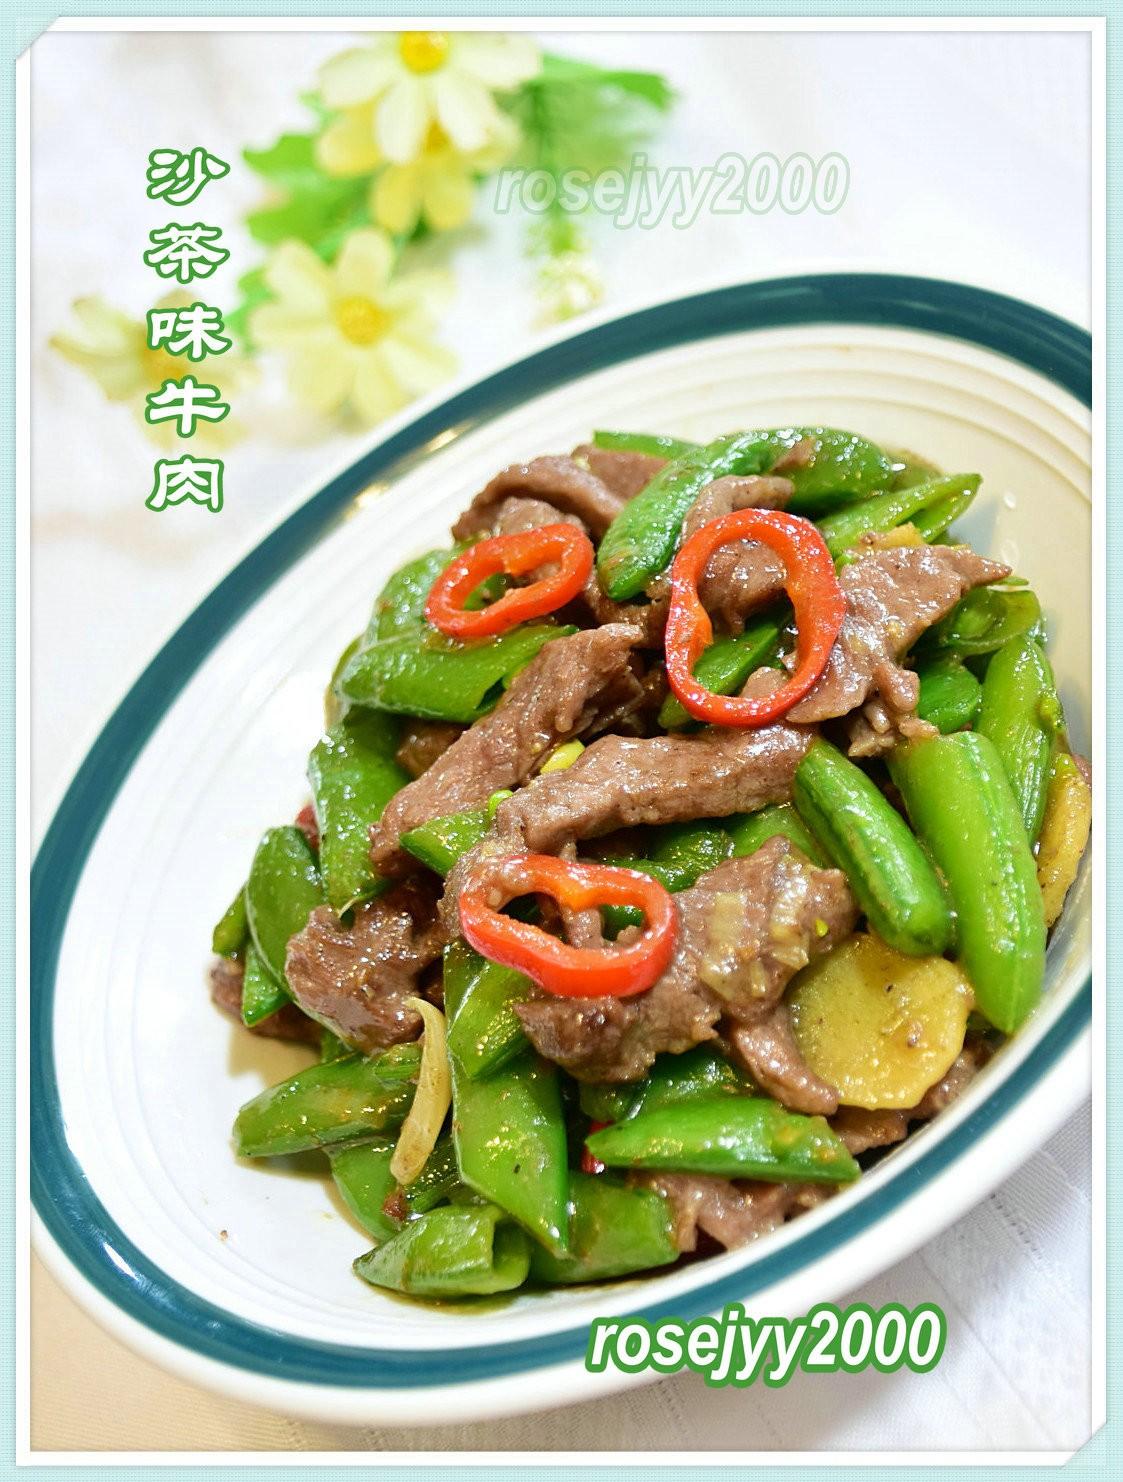 沙茶味牛肉_图1-3